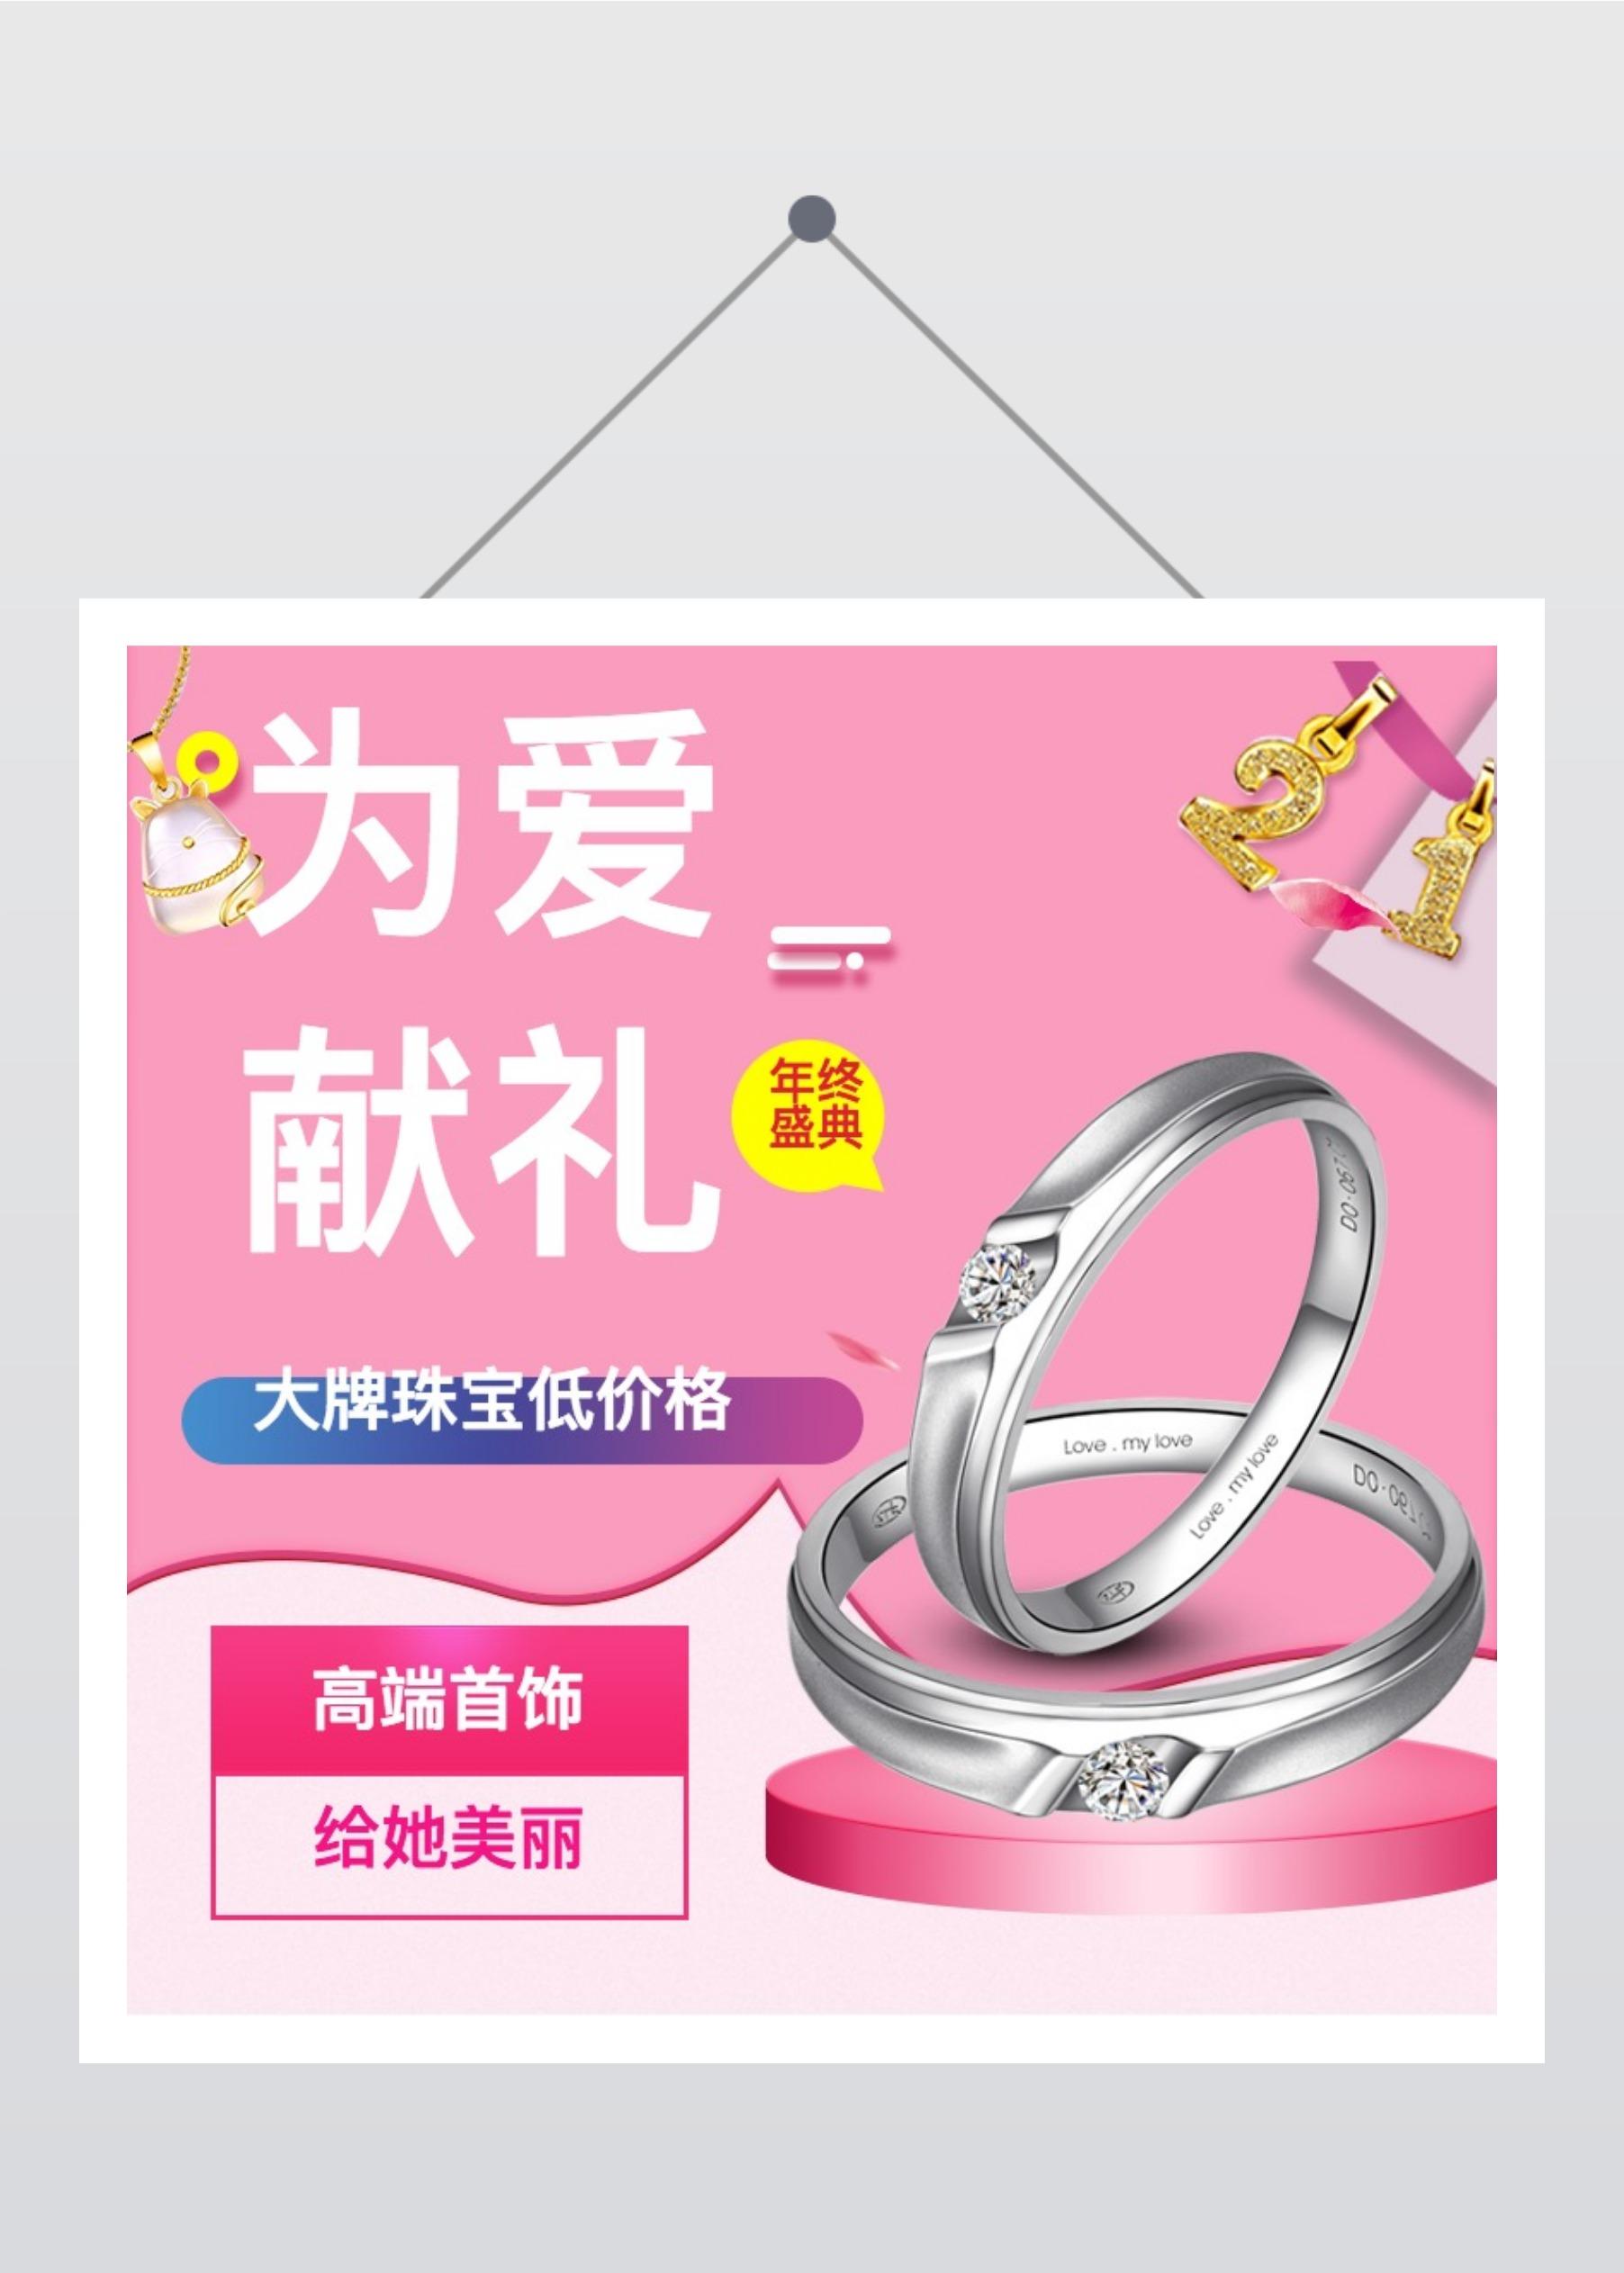 浪漫简约时尚为爱献礼珠宝首饰电商主图